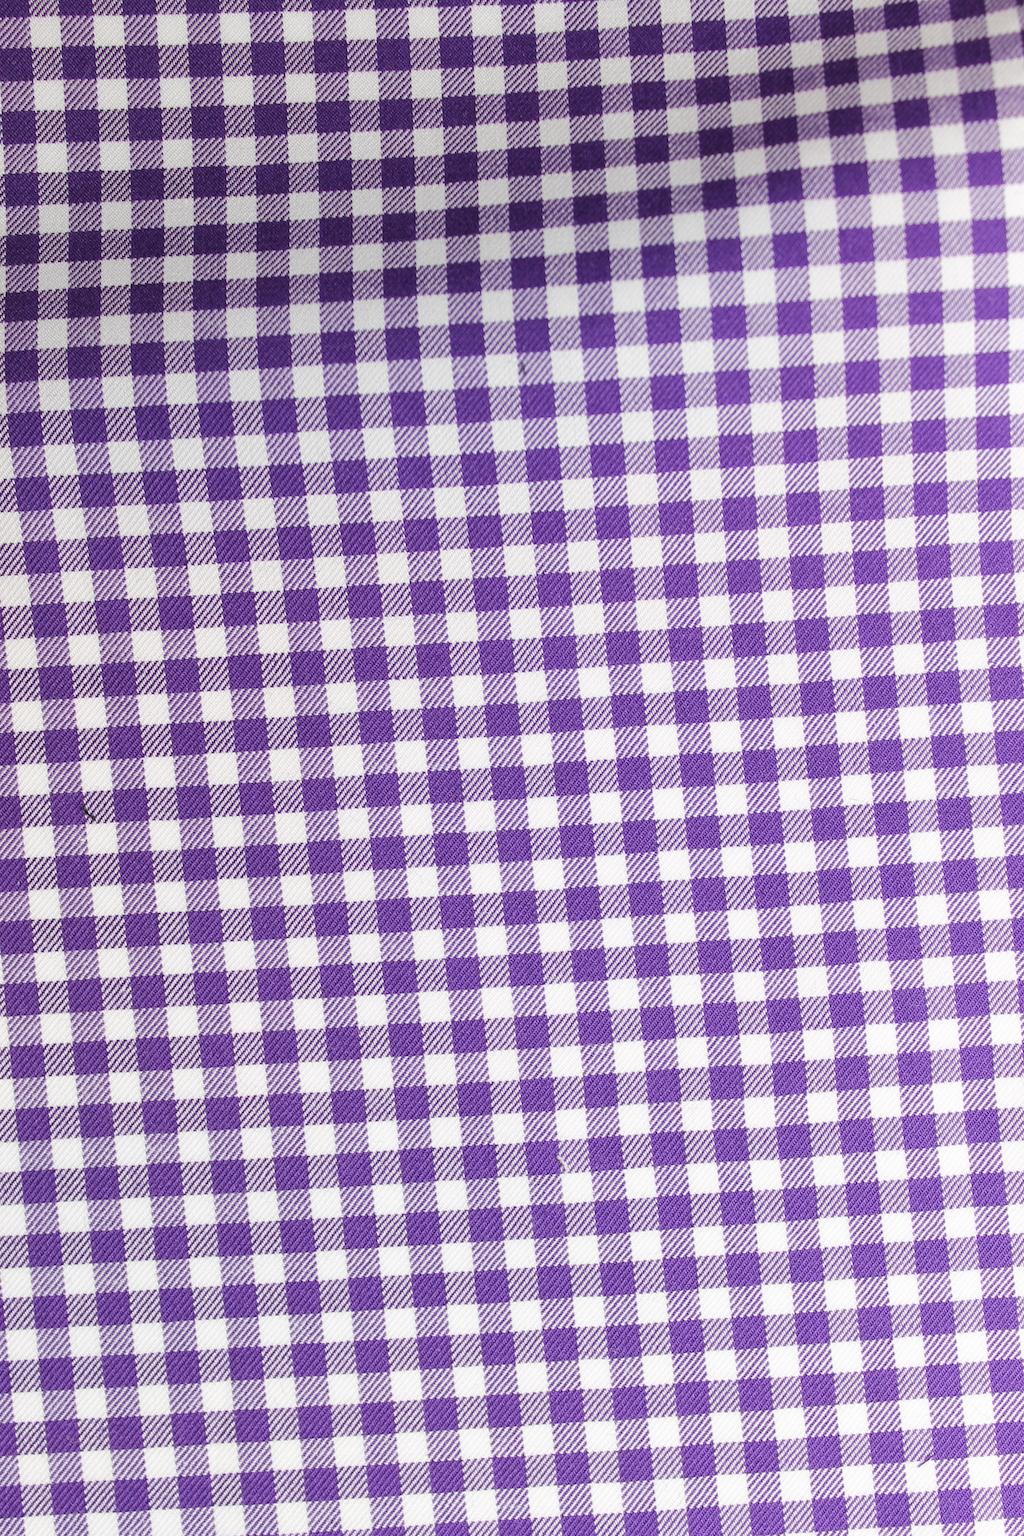 6617 Violet Gingham.JPG